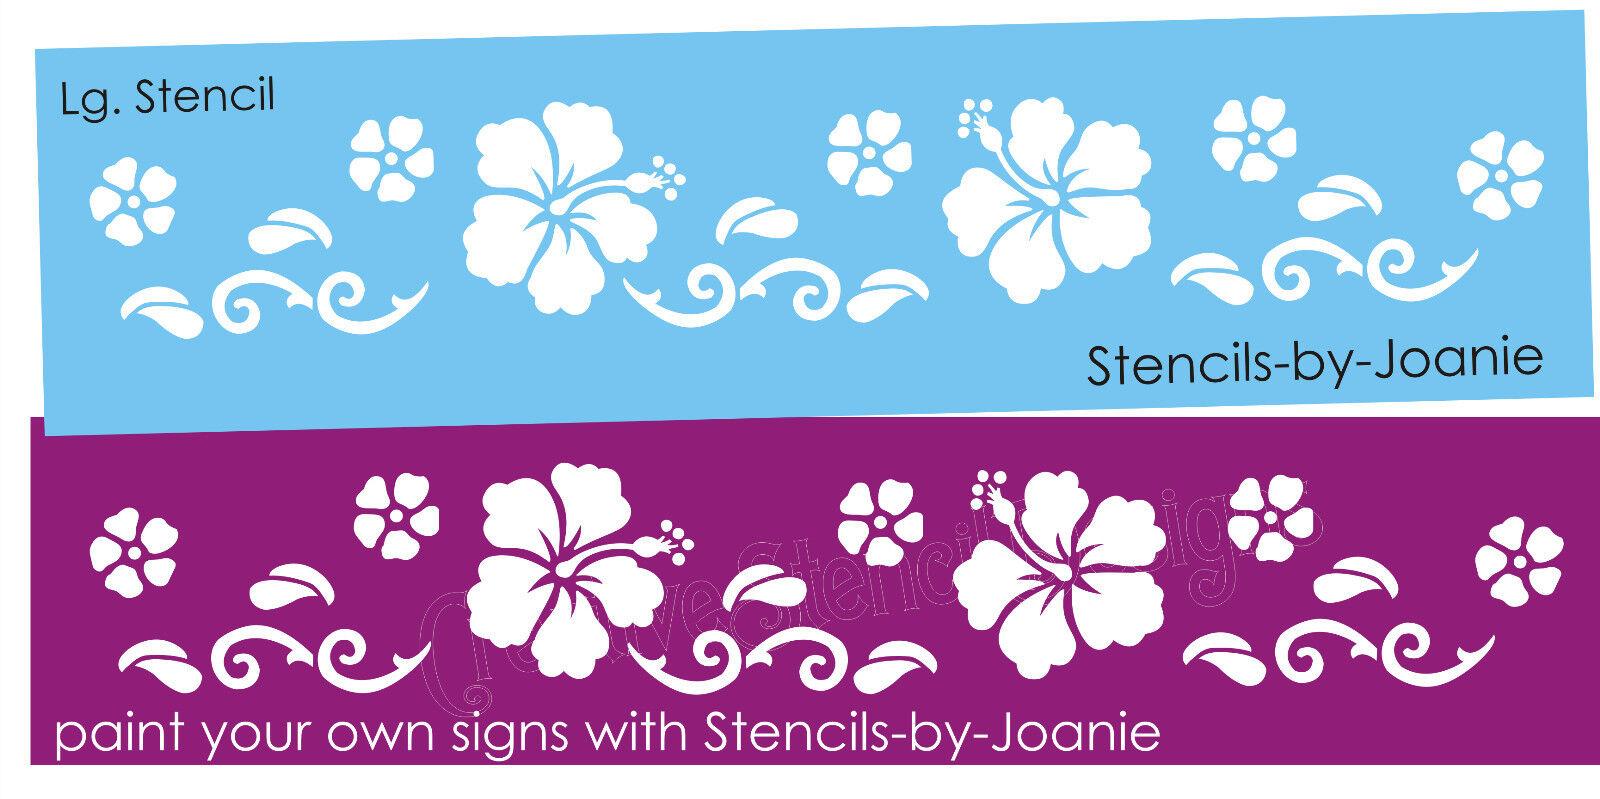 Joanie stencil aloha hibiscus hawaii flower tropical border wall art joanie stencil aloha hibiscus hawaii flower tropical border wall art home sign ebay izmirmasajfo